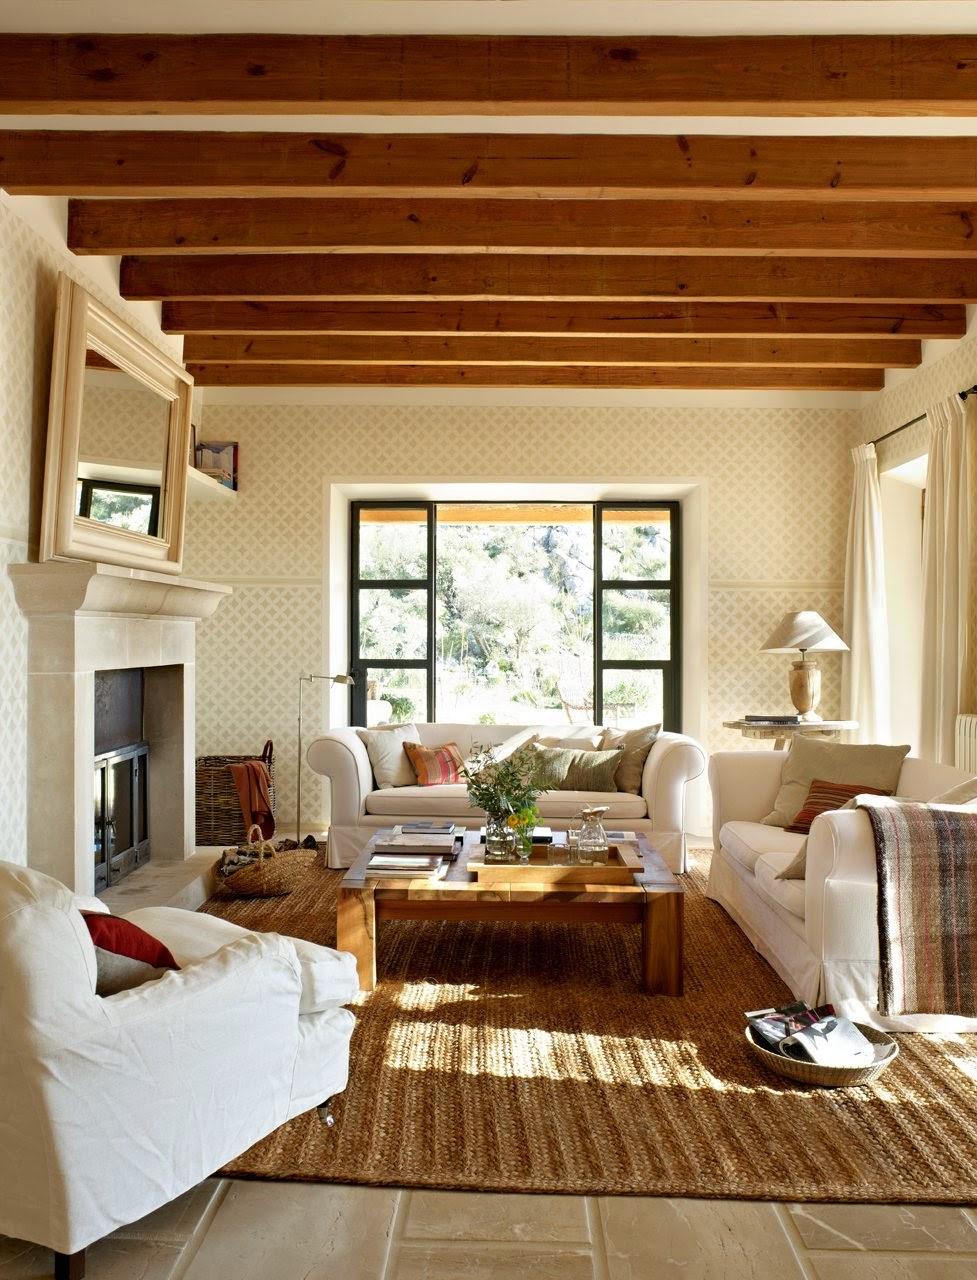 Junto al c lido fuego de una chimenea decoraci n retro for Salones minimalistas con chimenea